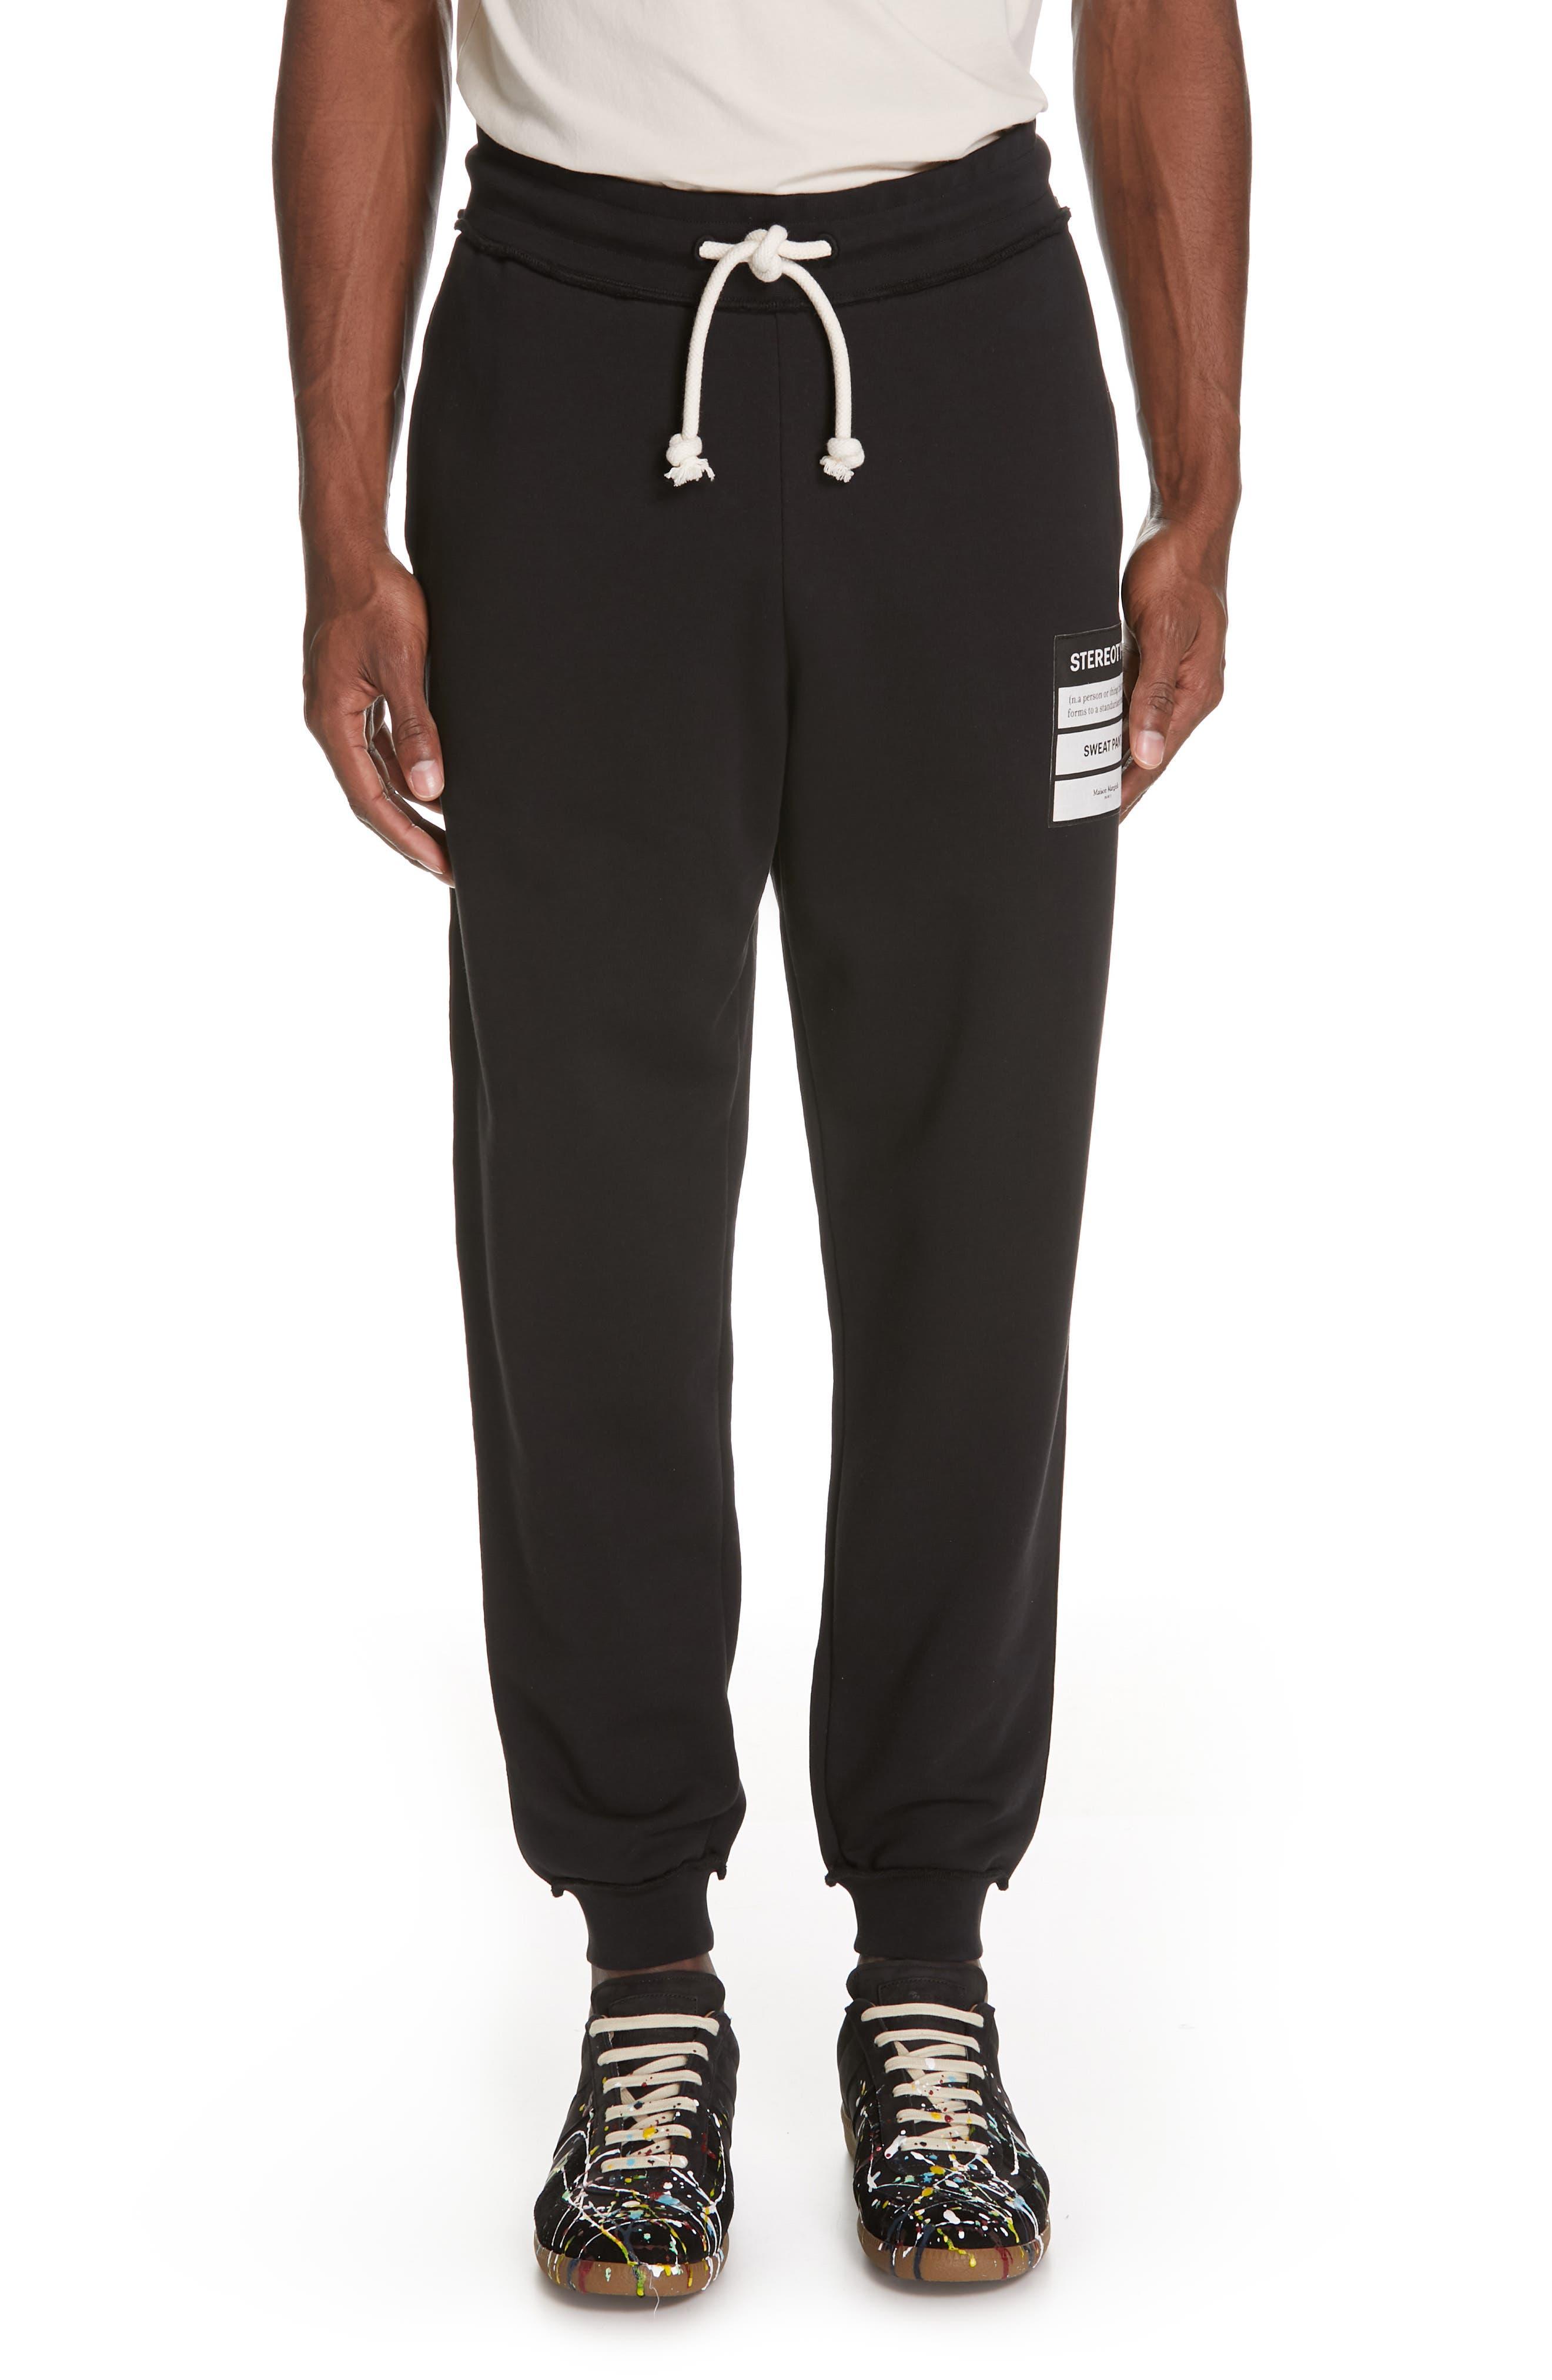 Maison Margiela Stereotype Sweatpants, Black